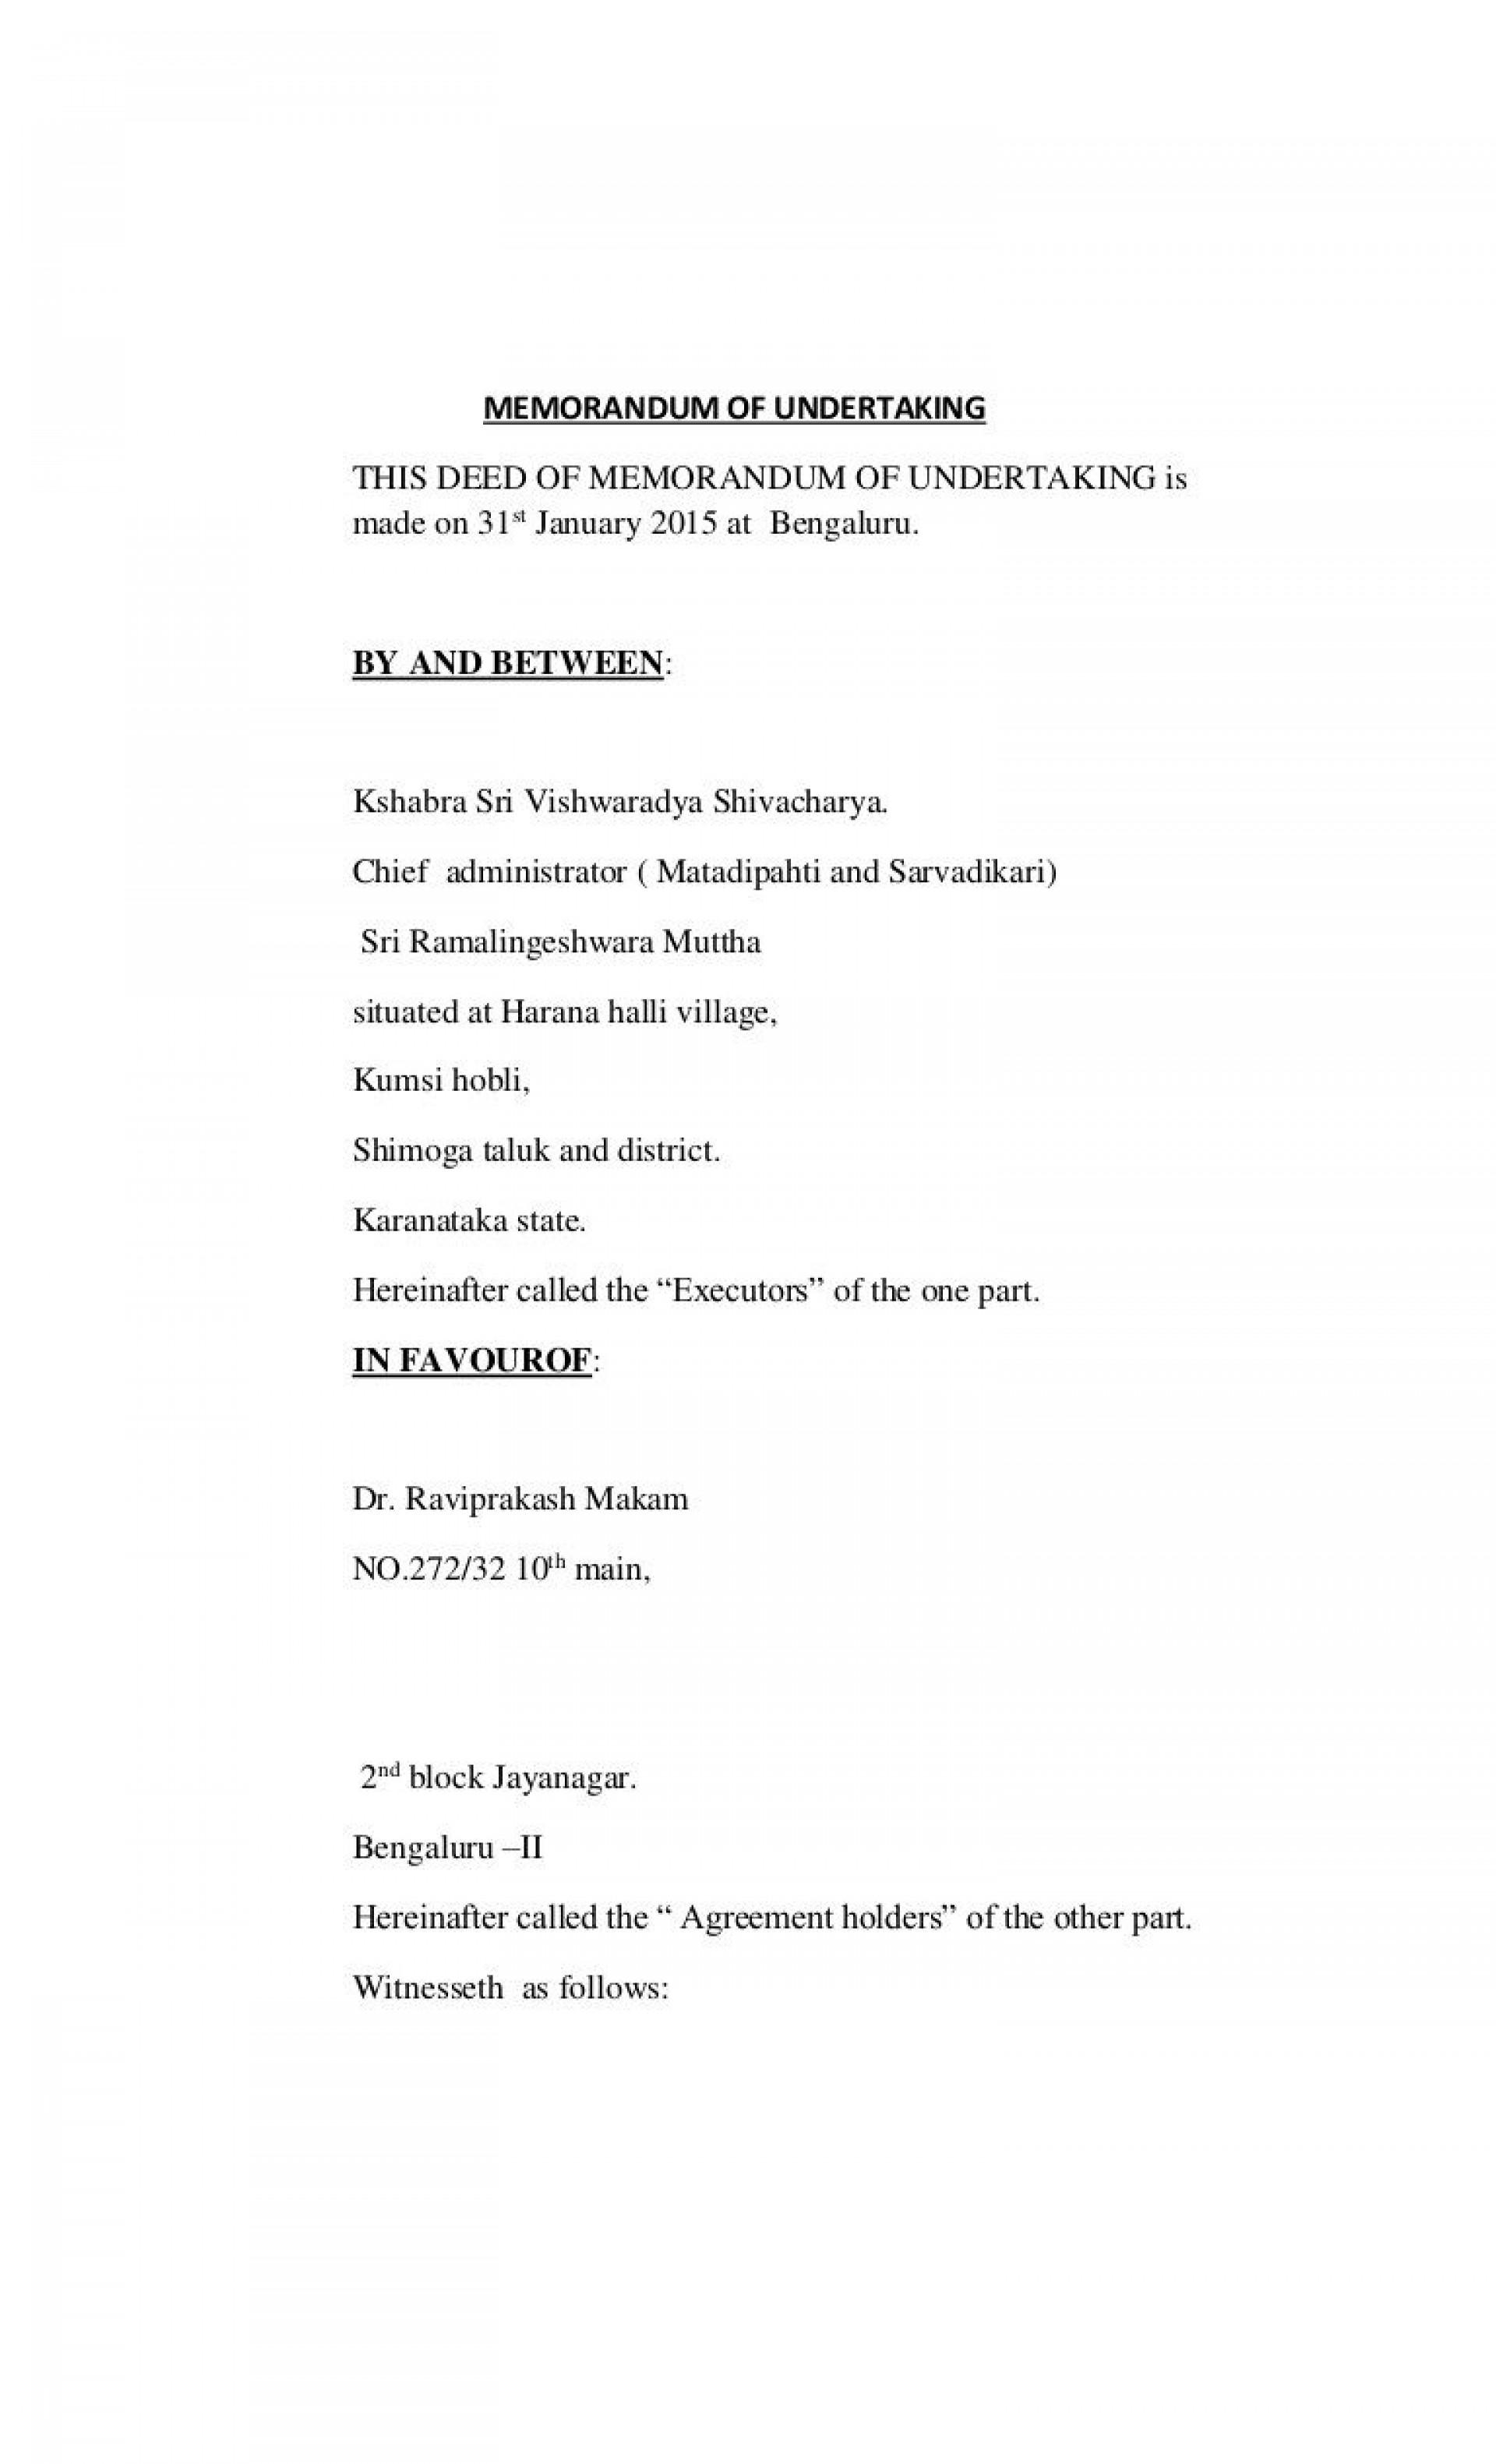 008 Unique Letter Of Understanding Format Concept  Sample Memorandum1920